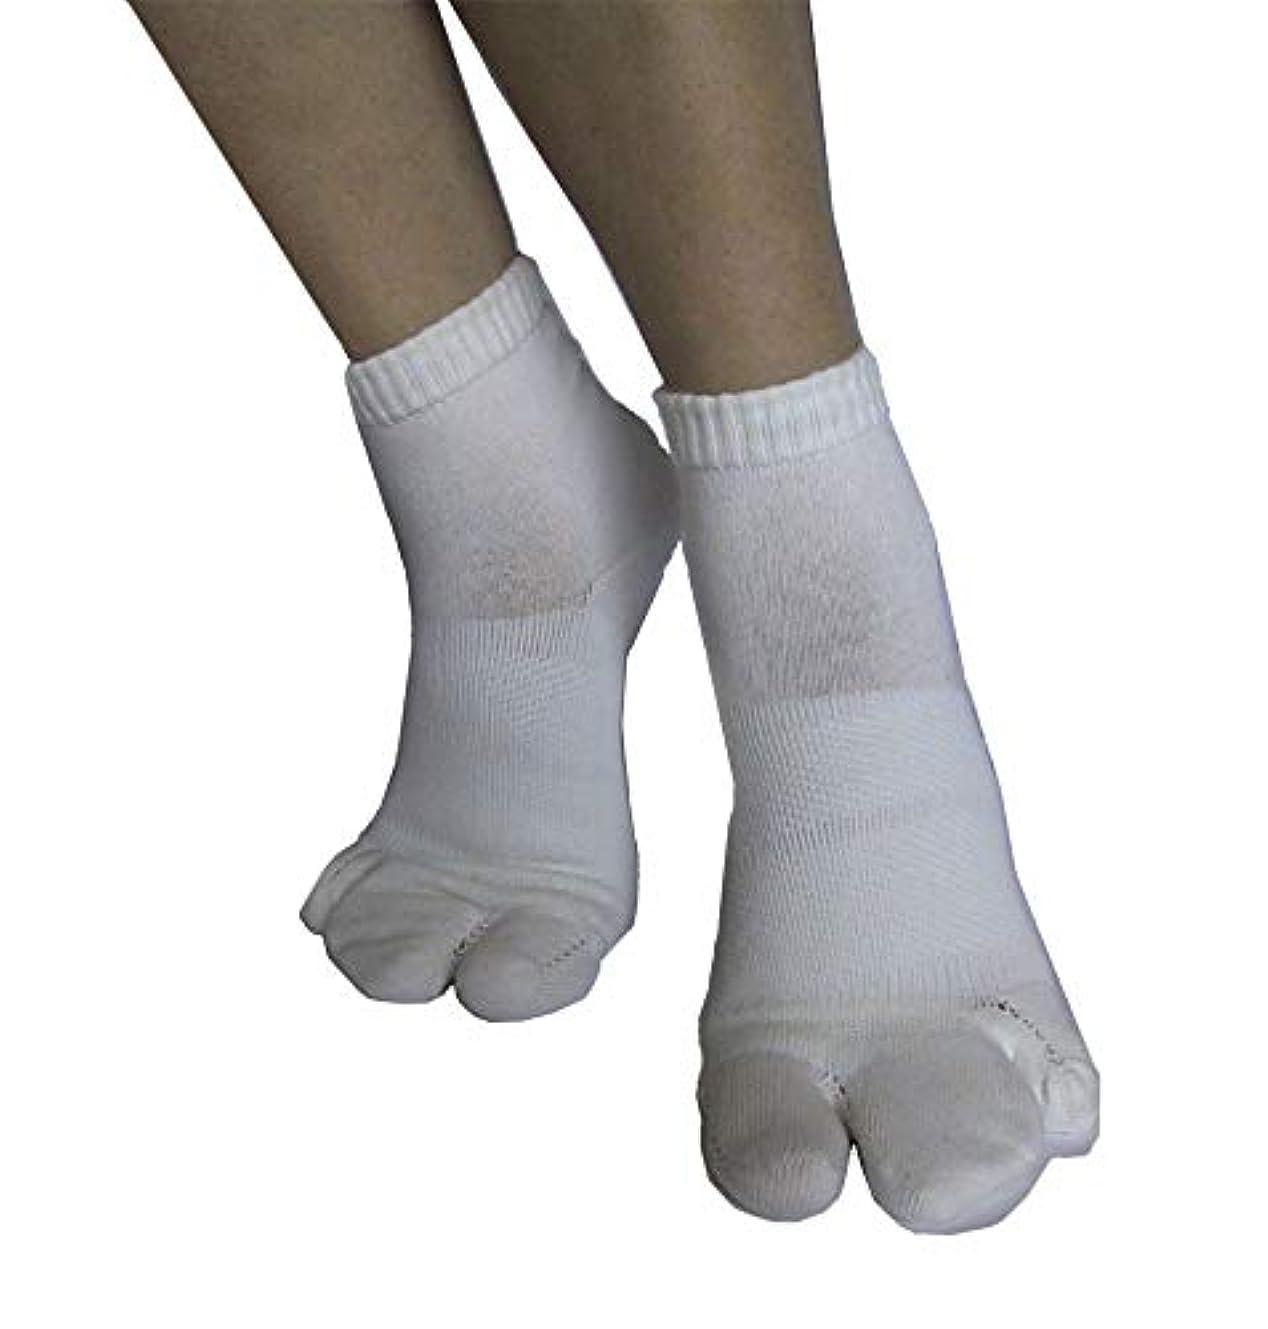 議論するパットスポーツの試合を担当している人カサハラ式サポーター ホソックス3本指テーピング靴下 ホワイトS 22-23cm